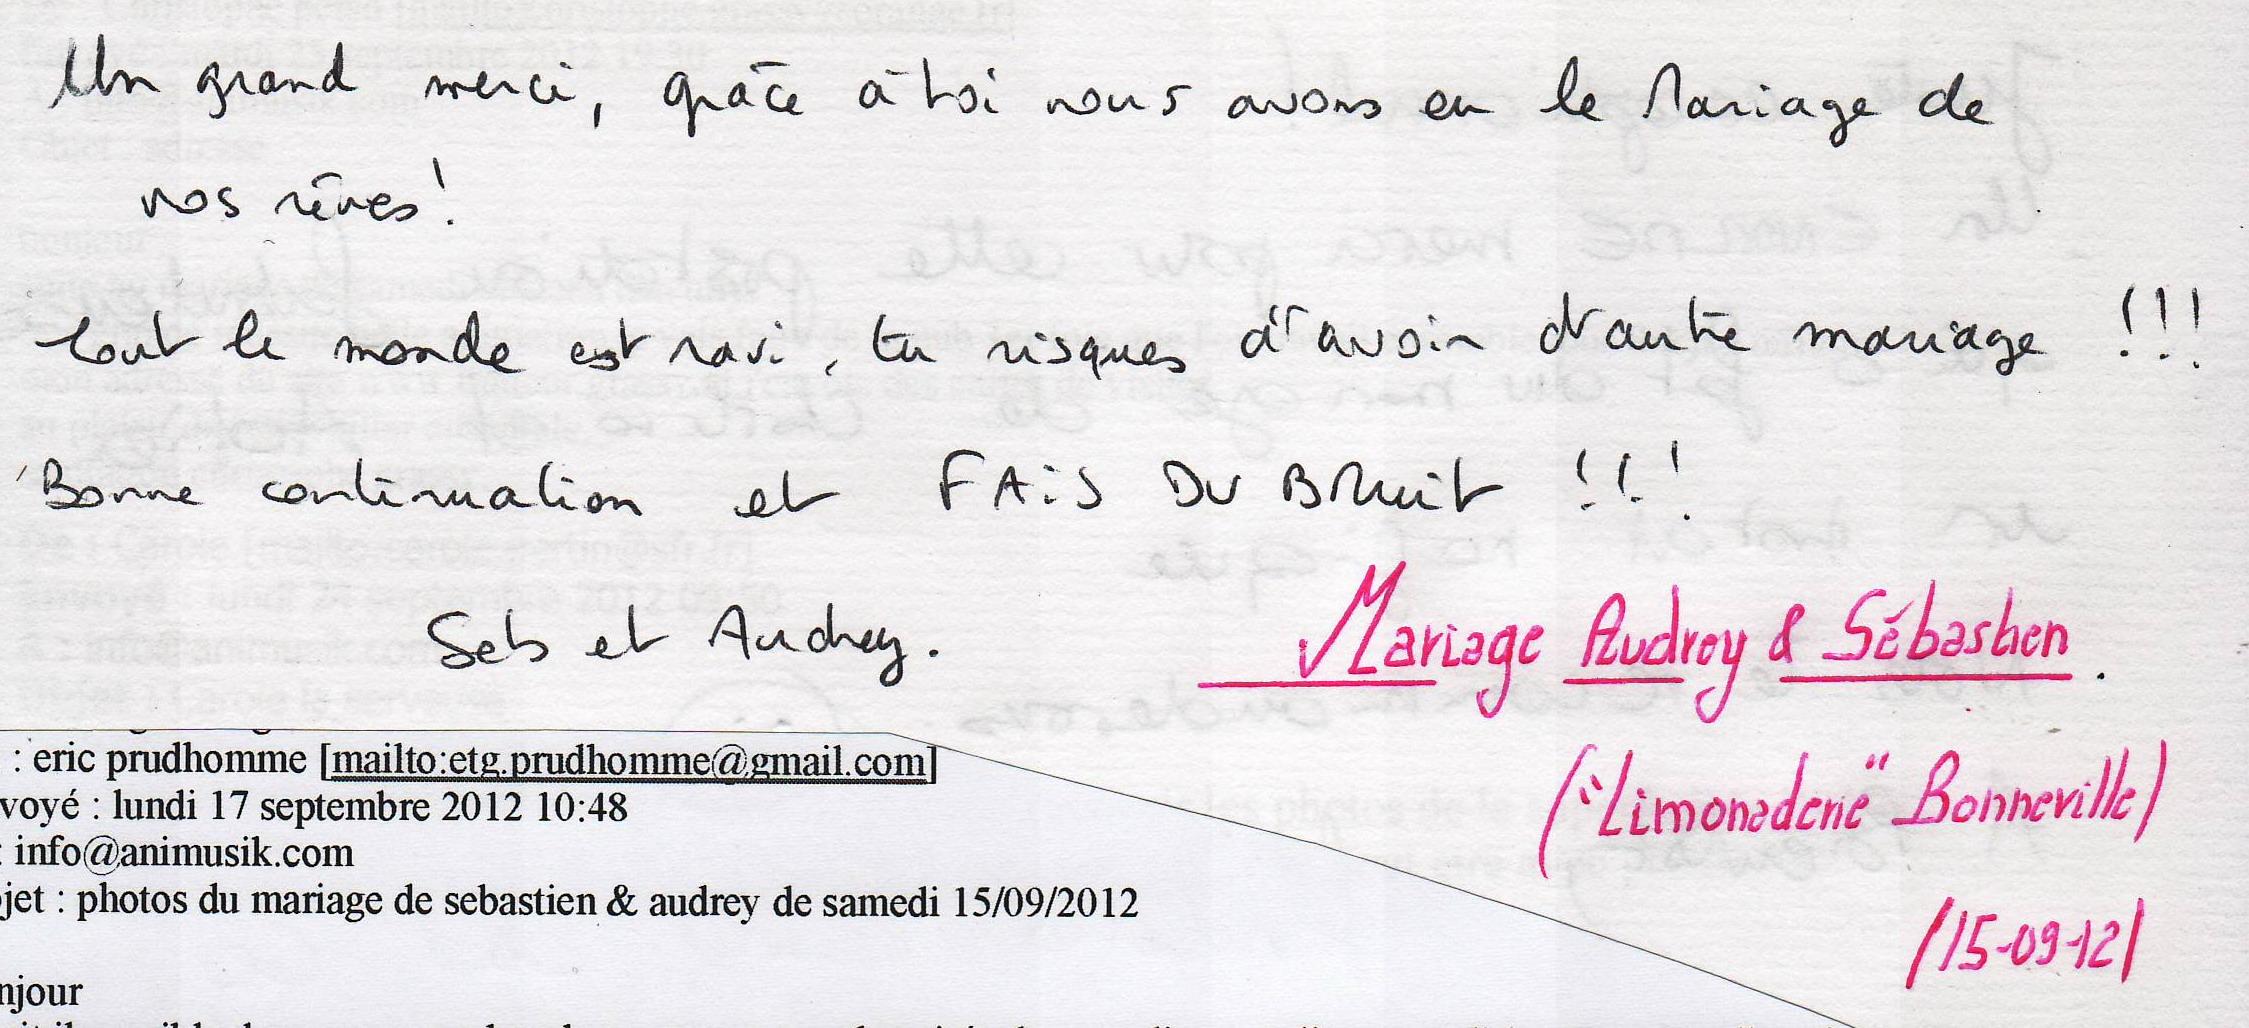 Mariage_DELAFOSSE_Sébastien_&_Audrey_(Limonaderie_Bonneville)_(15-09-2012)